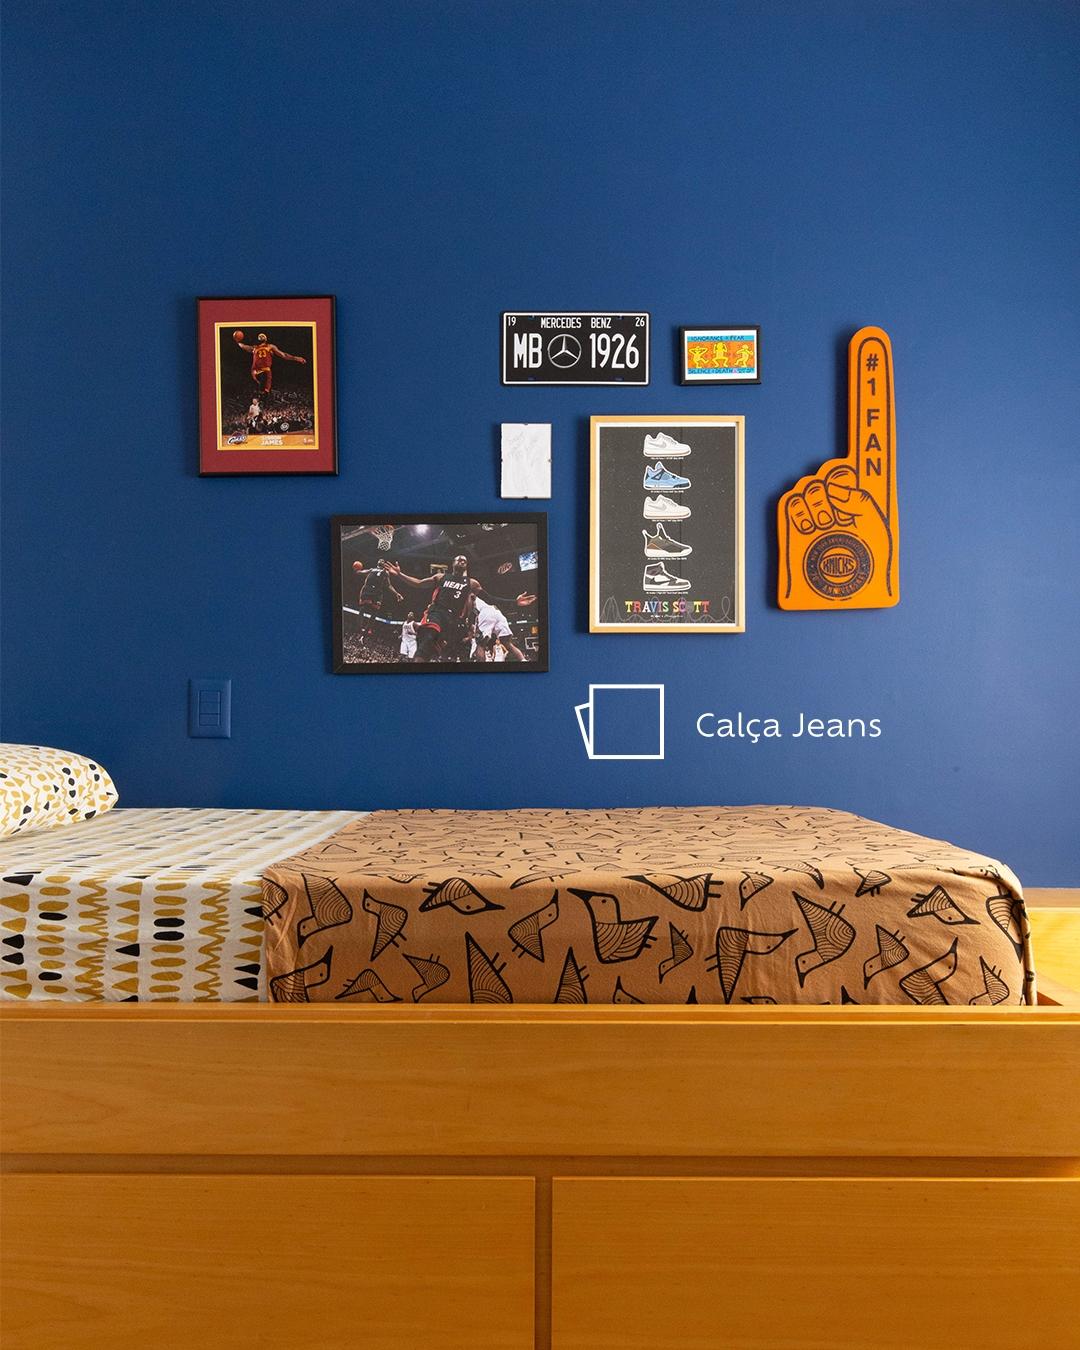 Foto do quarto de Joaquim com a parede de quadros vista de frente. Vemos outros quadros da temática de basquetebol, a cor Calça Jeans pintada na parede e um ícone de cor logo abaixo.